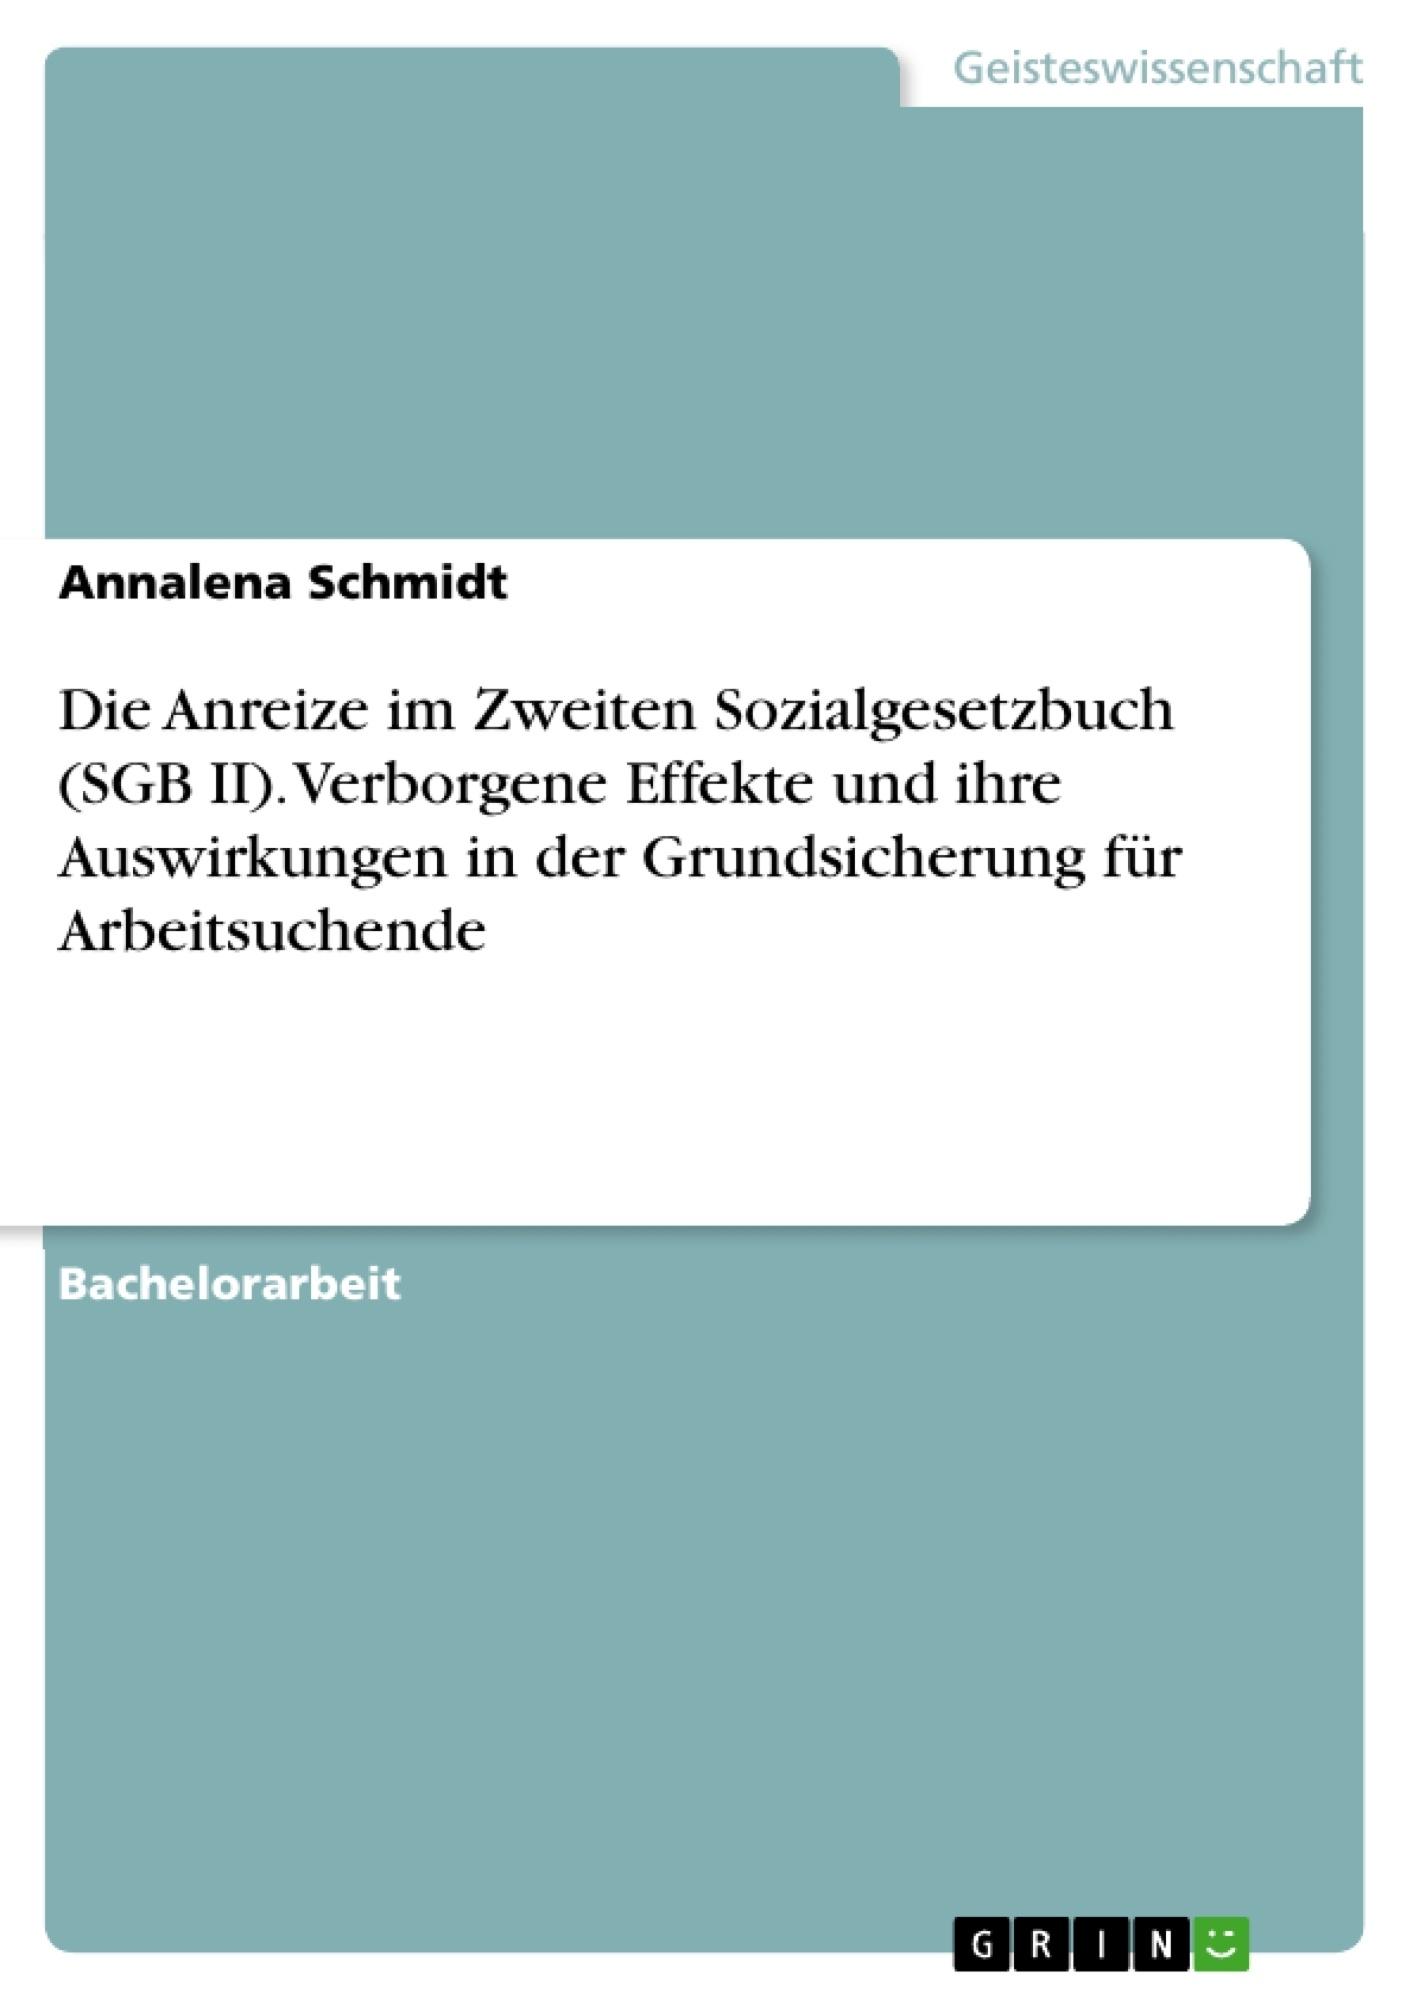 Titel: Die Anreize im Zweiten Sozialgesetzbuch (SGB II). Verborgene Effekte und ihre Auswirkungen in der Grundsicherung für Arbeitsuchende